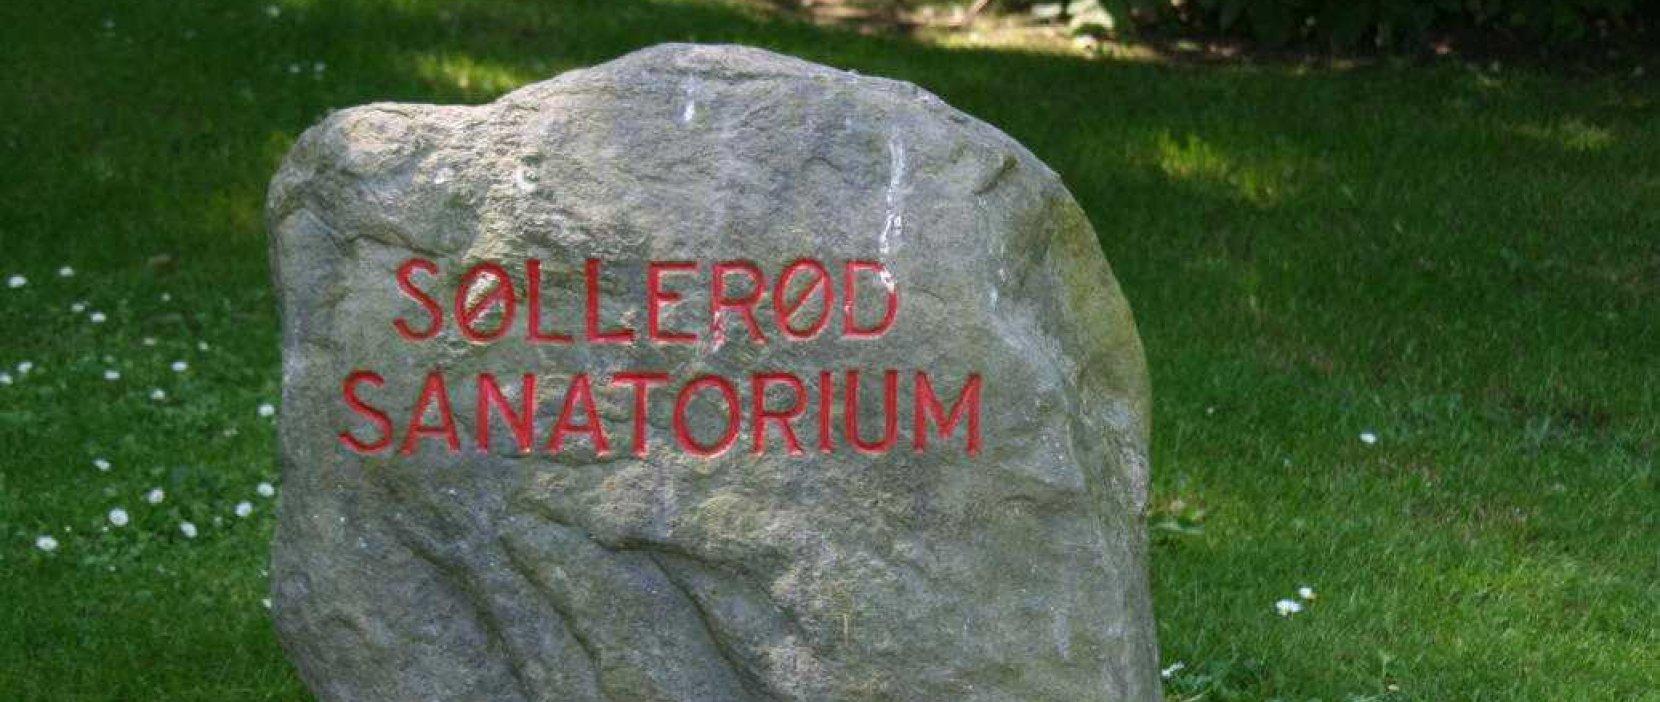 sten for Søllerød Sanatorium